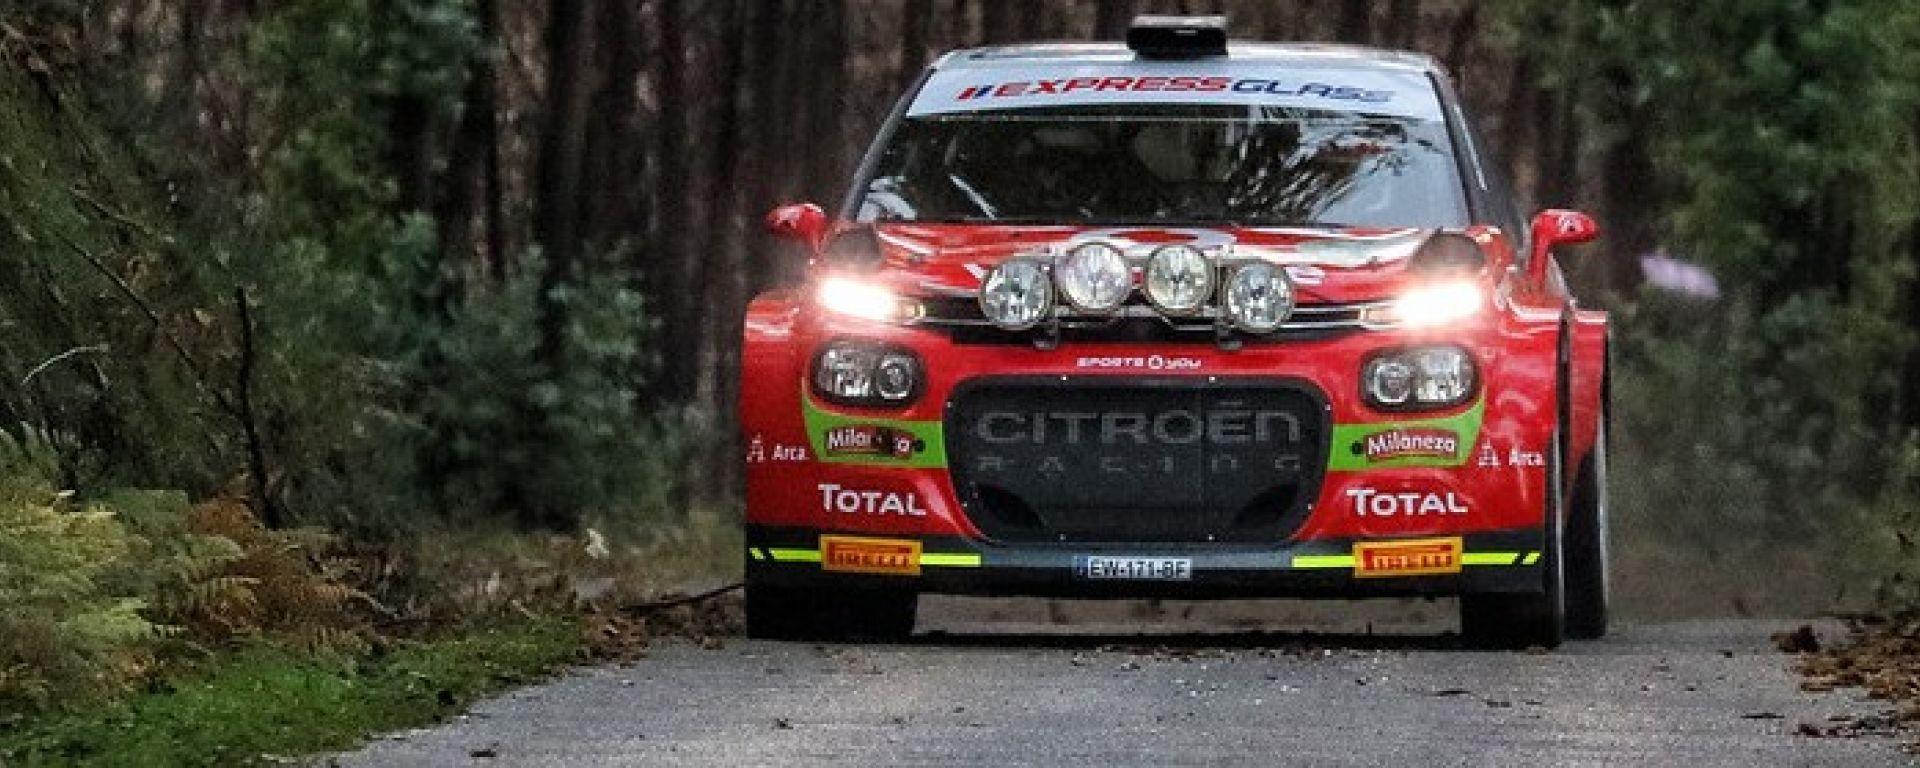 Citroen Italia Racing debutta nel Campionato Italiano Rally